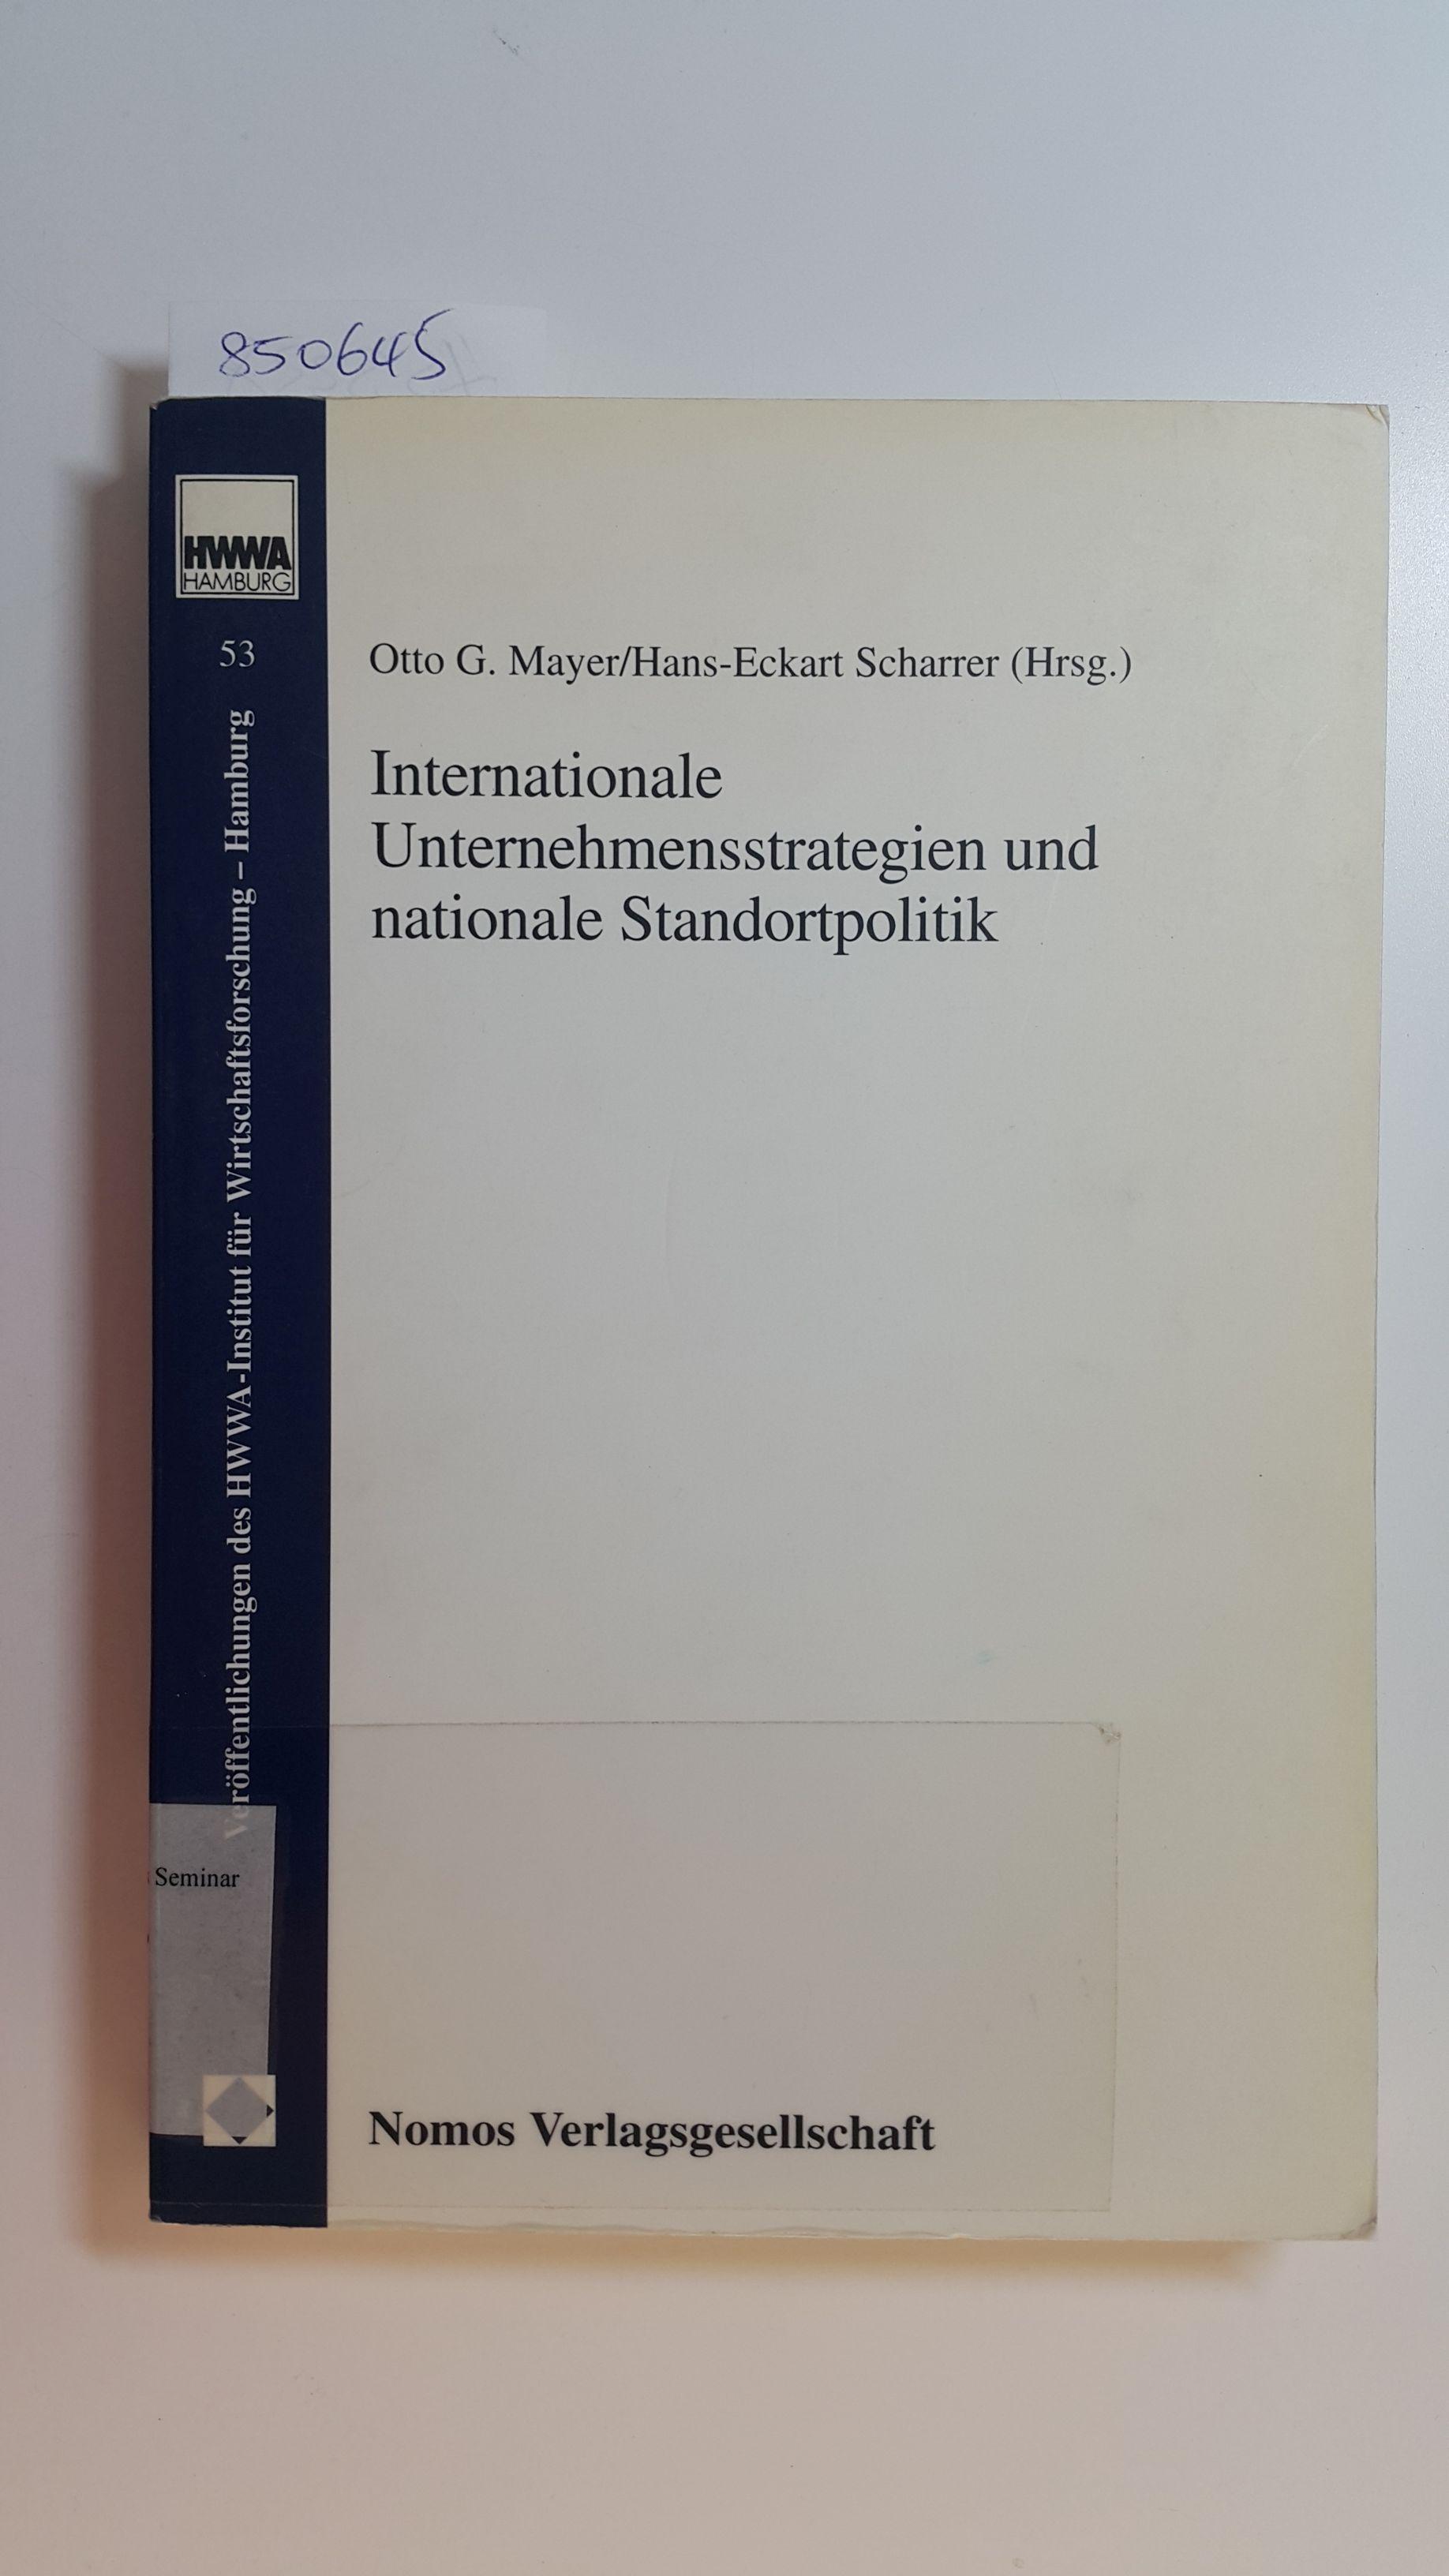 Internationale Unternehmensstrategien und nationale Standortpolitik - Mayer, Otto G. [Hrsg.]  Audretsch, David B.